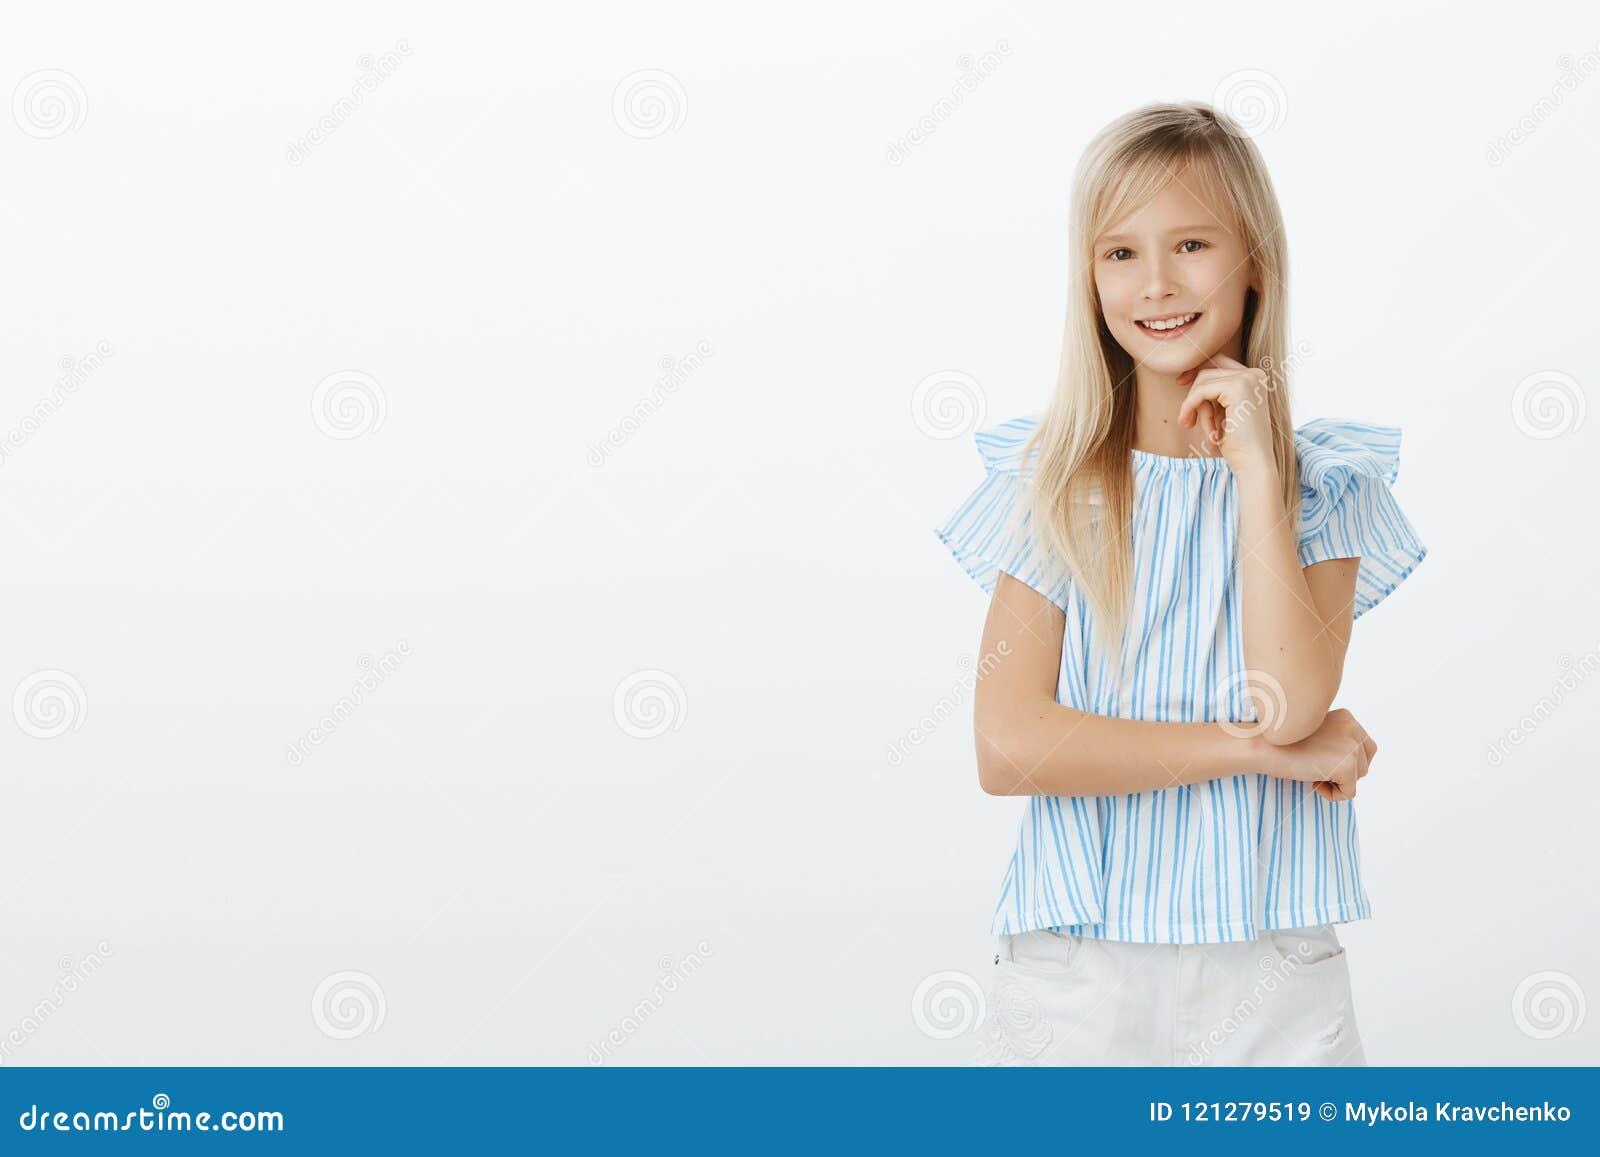 Kluges Mädchen kennt die Antwort und wünscht interessantes Konzept vorschlagen Geschossen vom intelligenten modernen Kind mit dem